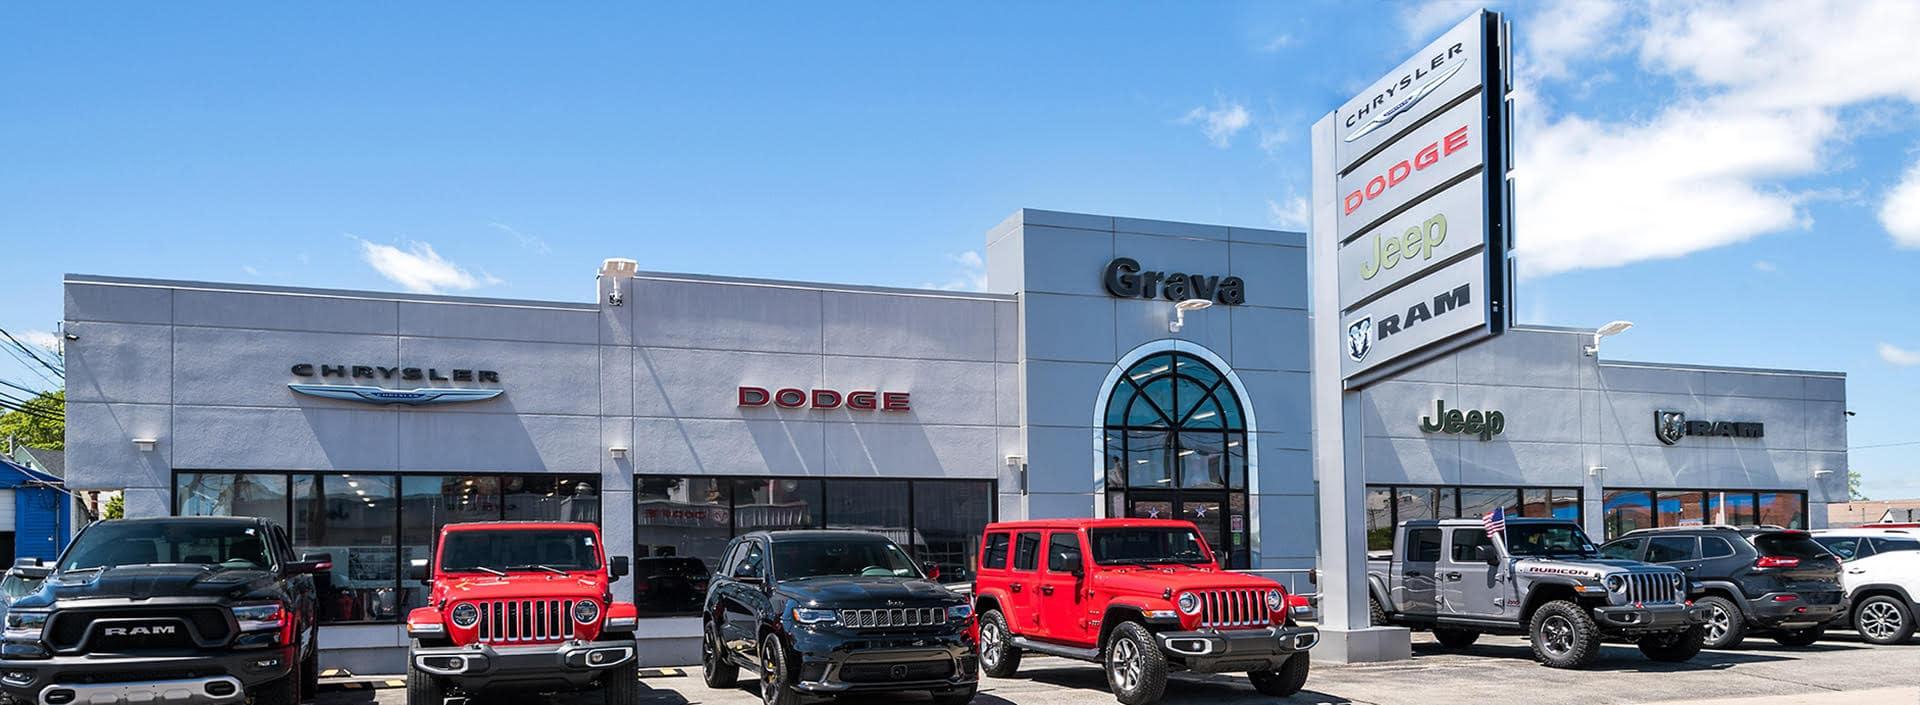 dodge dealership ma Chrysler Dodge Jeep Ram Dealer Medford MA  Grava CDJR SRT